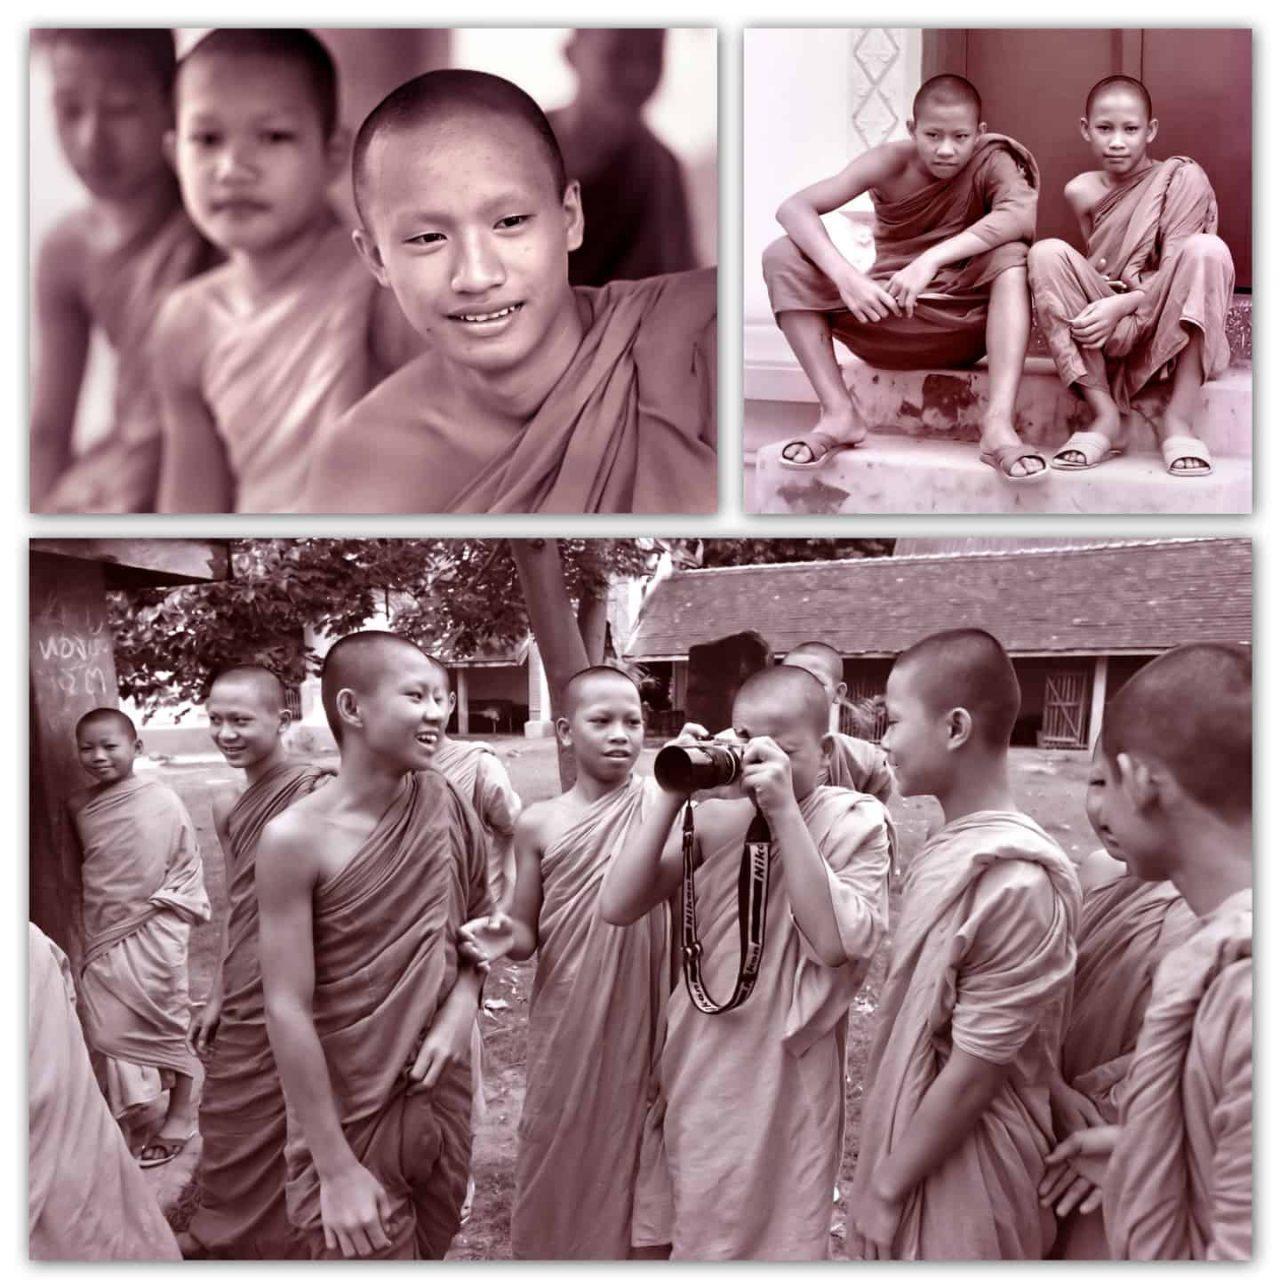 Monks in Thailand 1978